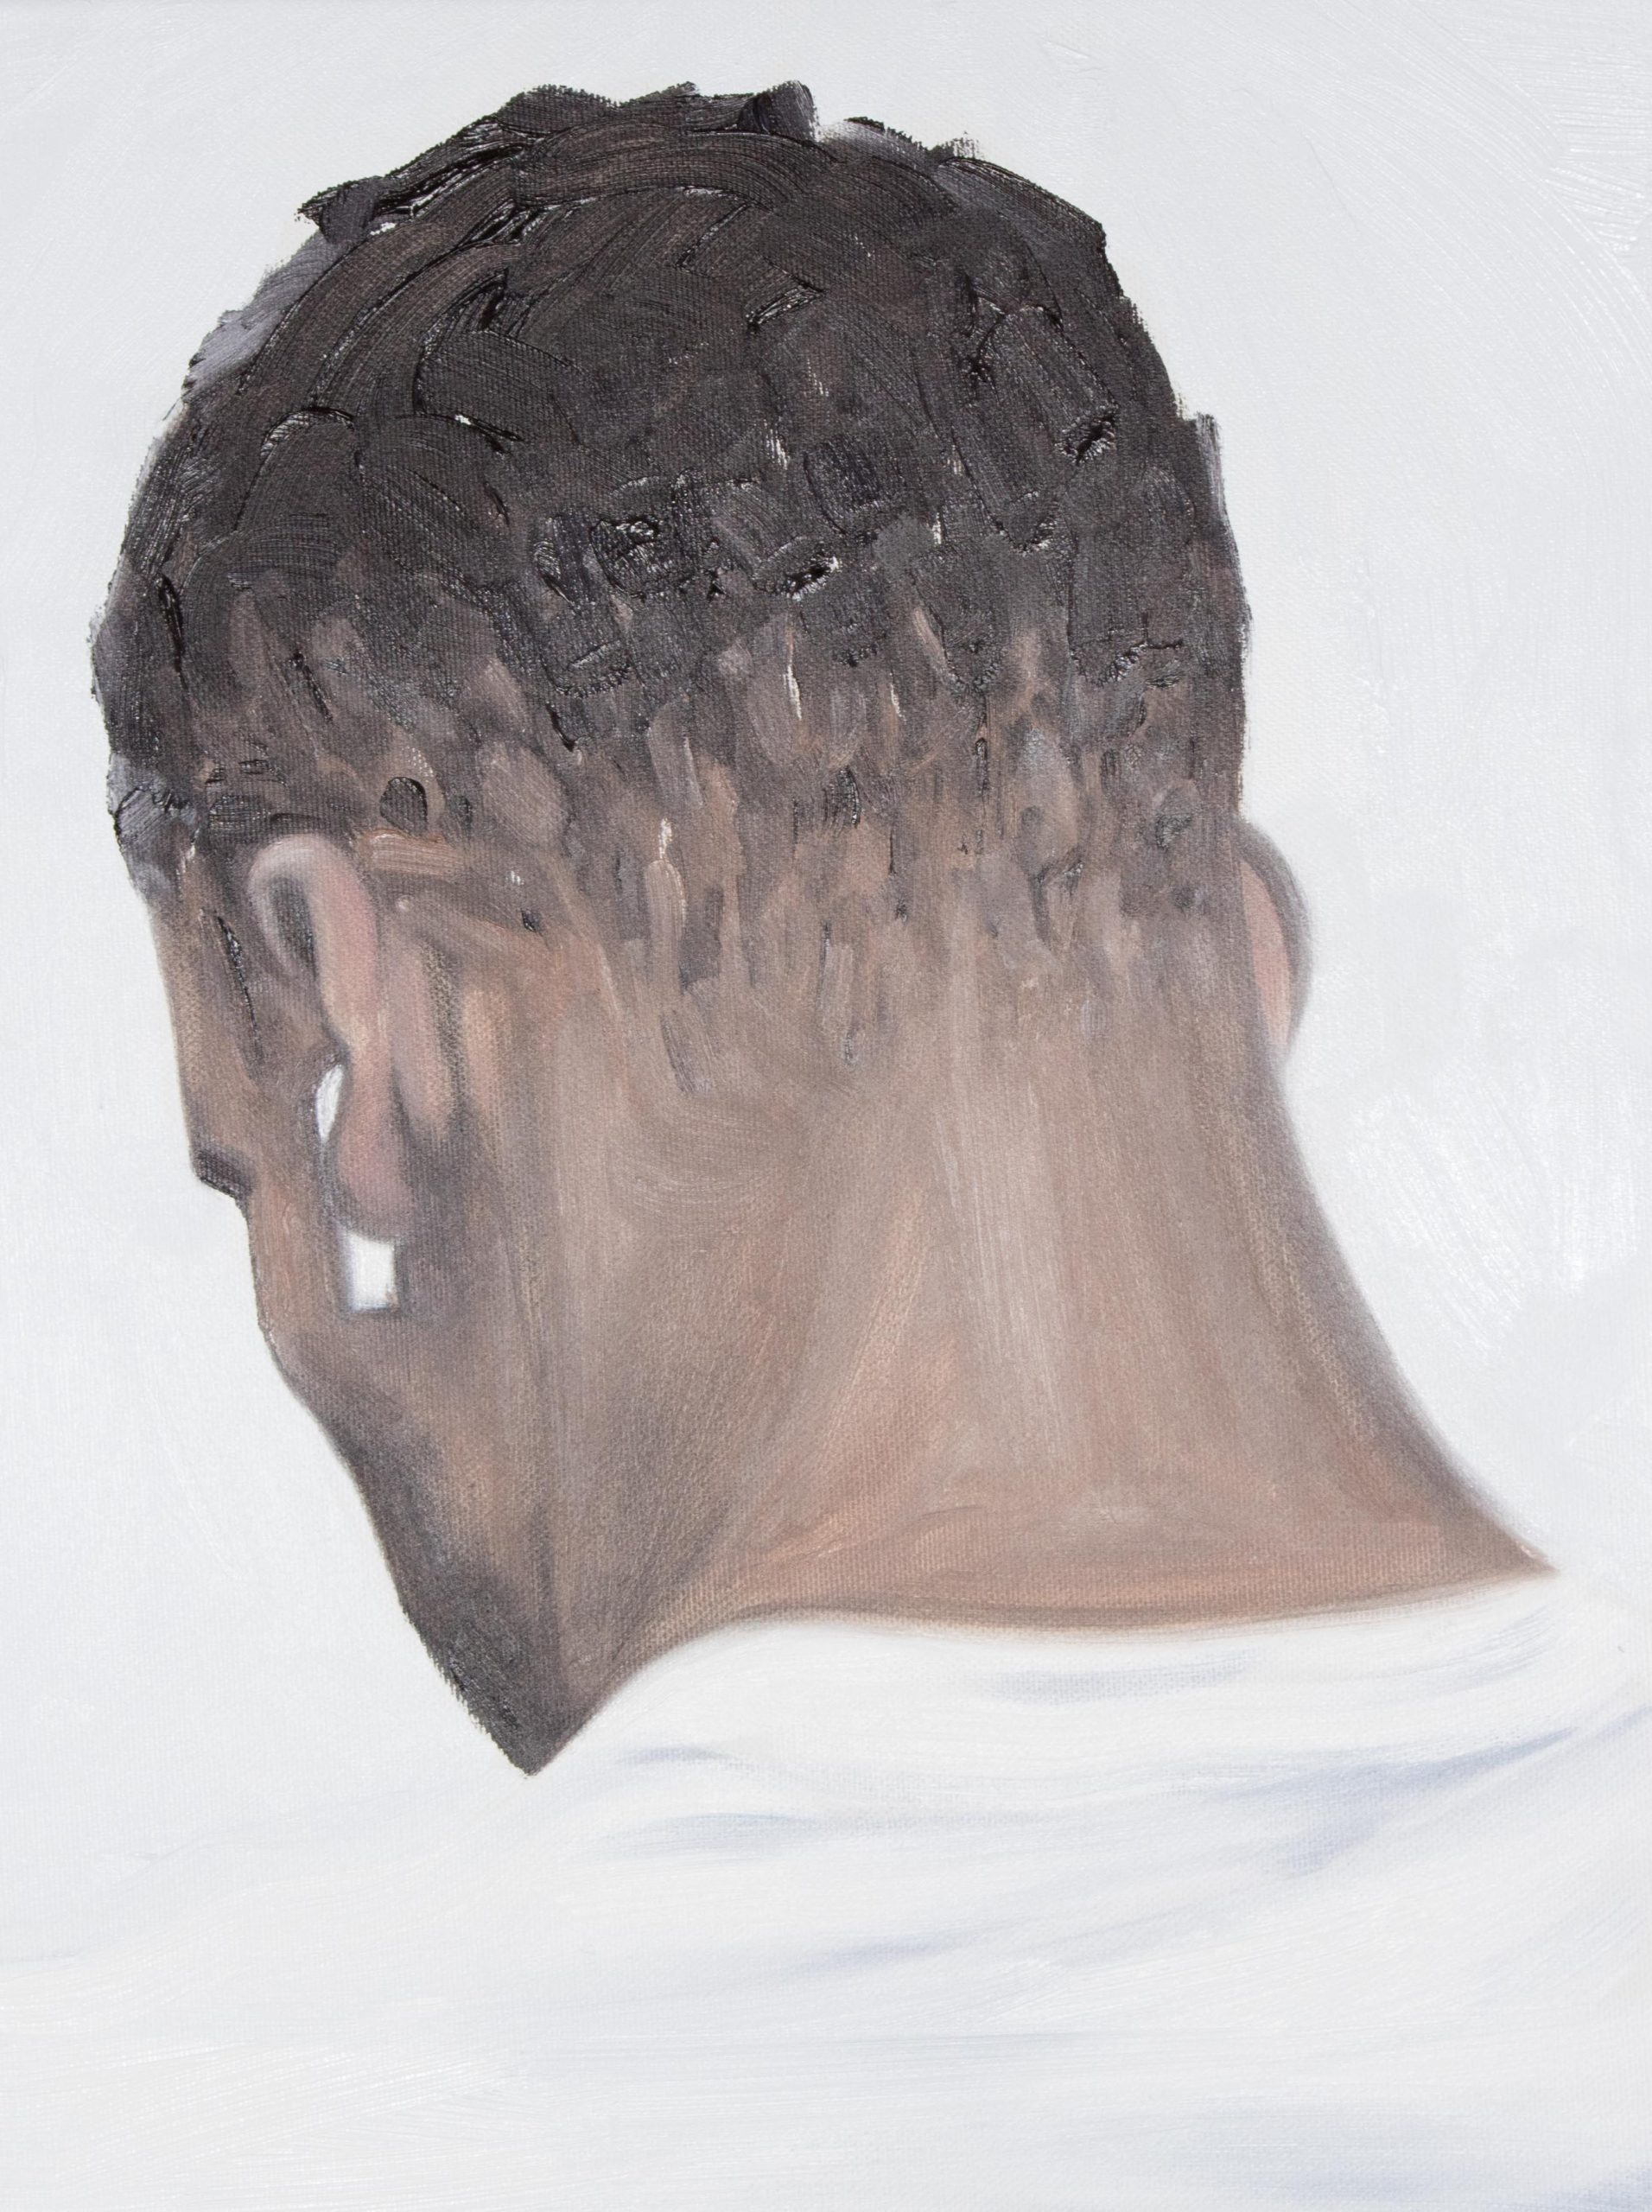 Jacko.Brinkman.Contemporary.Art.